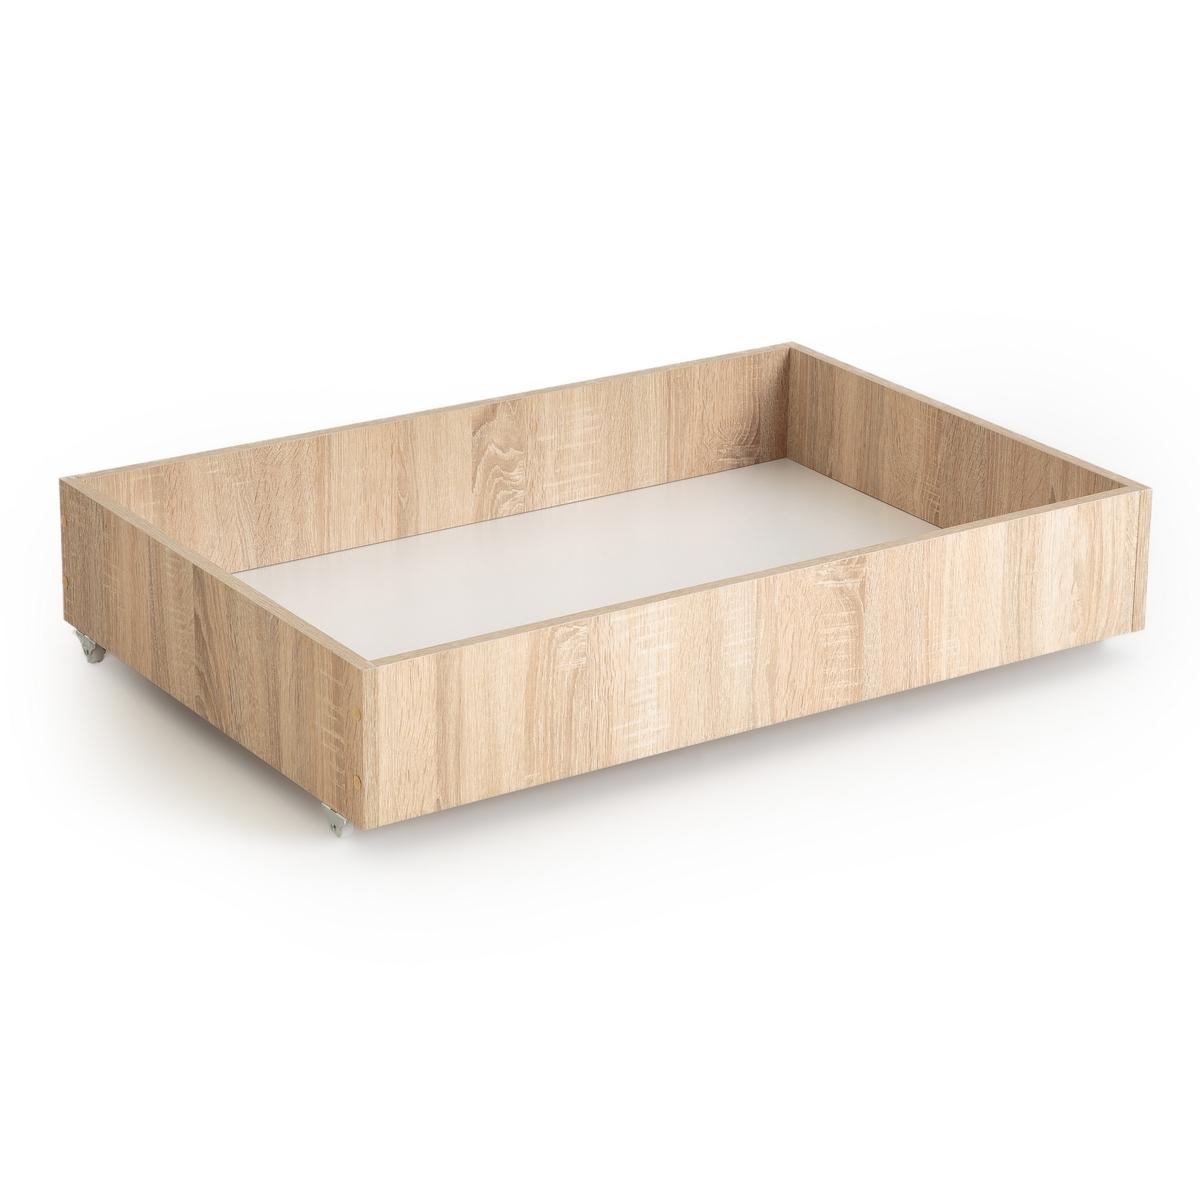 Ящик LaRedoute Для дивана-кровати 160 см отделка из дуба единый размер бежевый подъемные кровати с диваном